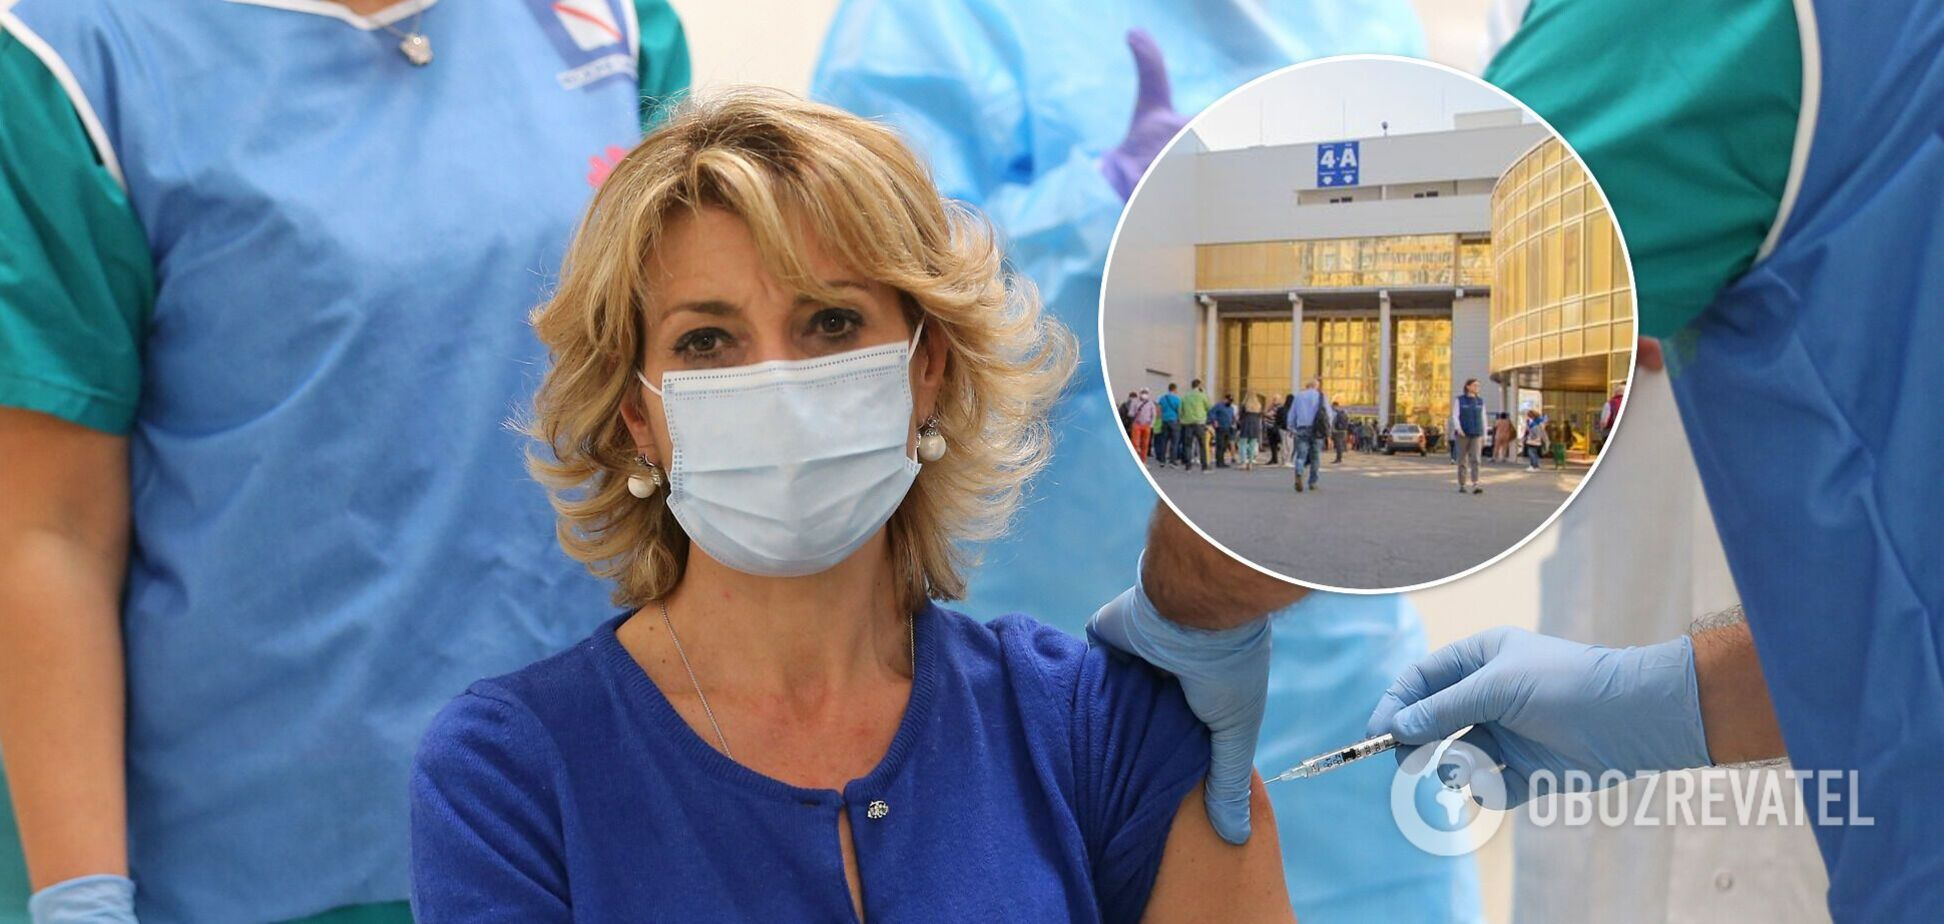 В Киеве рекордными темпами вакцинируют от COVID-19: в КГГА озвучили дальнейшие планы